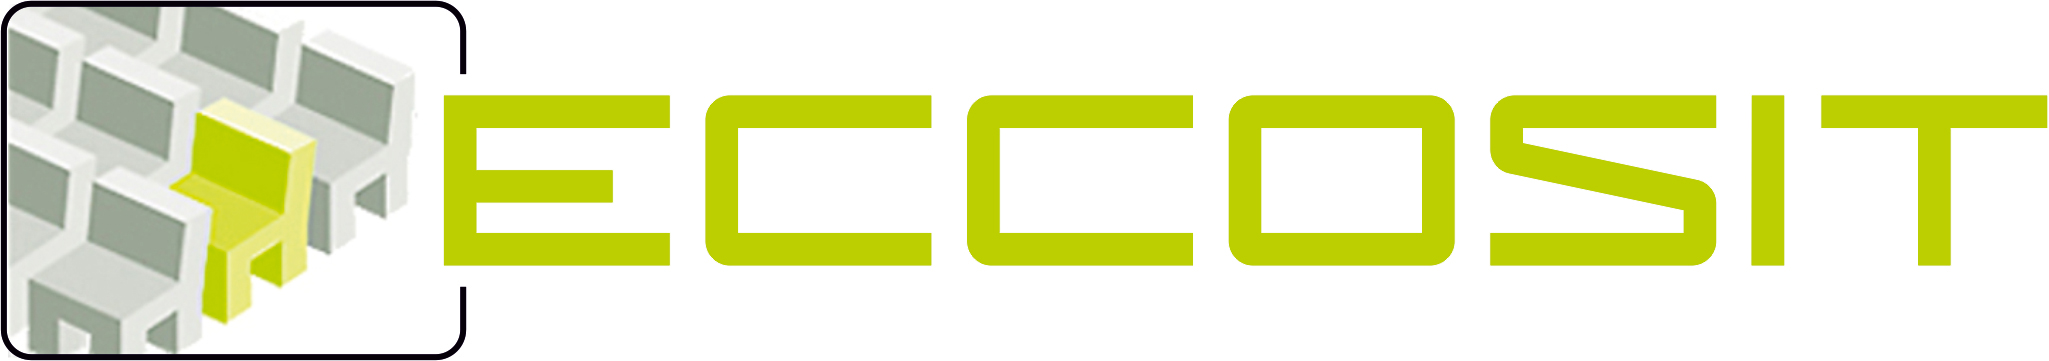 Logo Eccosit